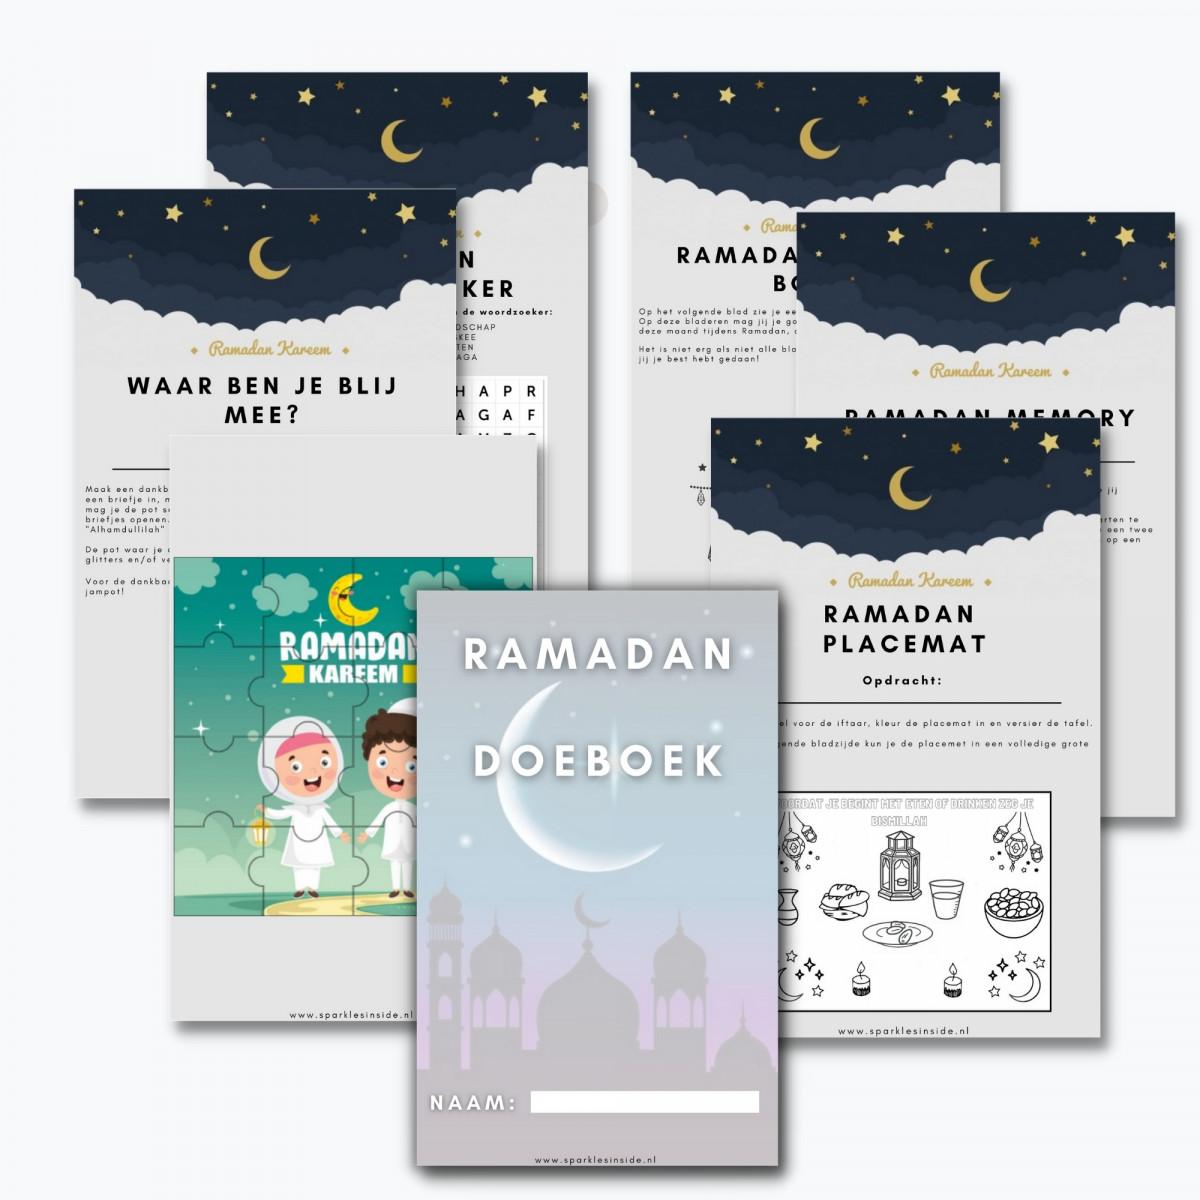 Ramadan activiteiten voor kinderen